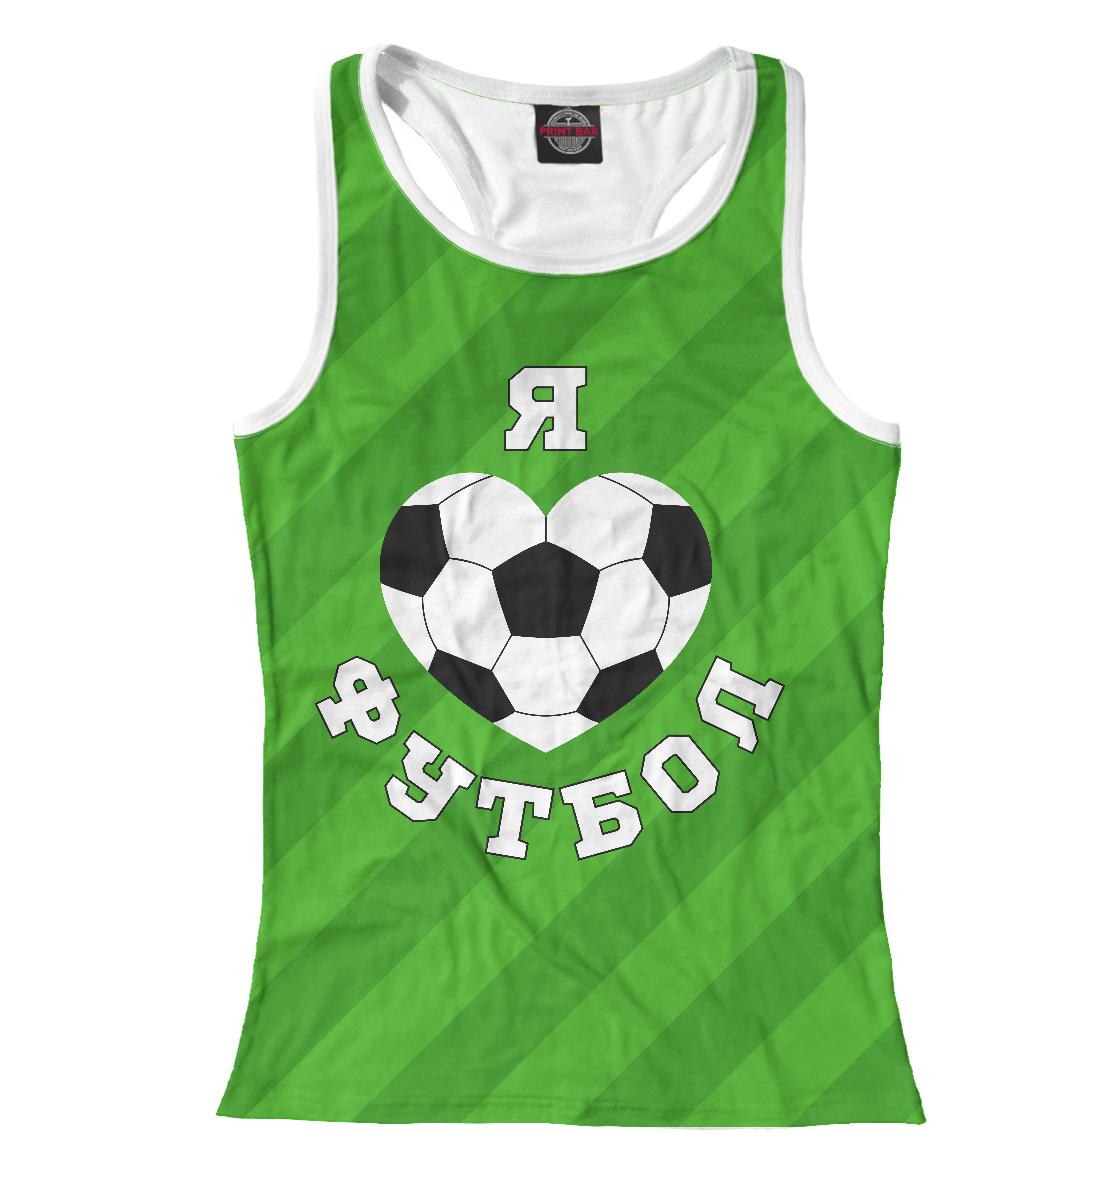 Купить Я люблю футбол, Printbar, Майки борцовки, FTO-960307-mayb-1